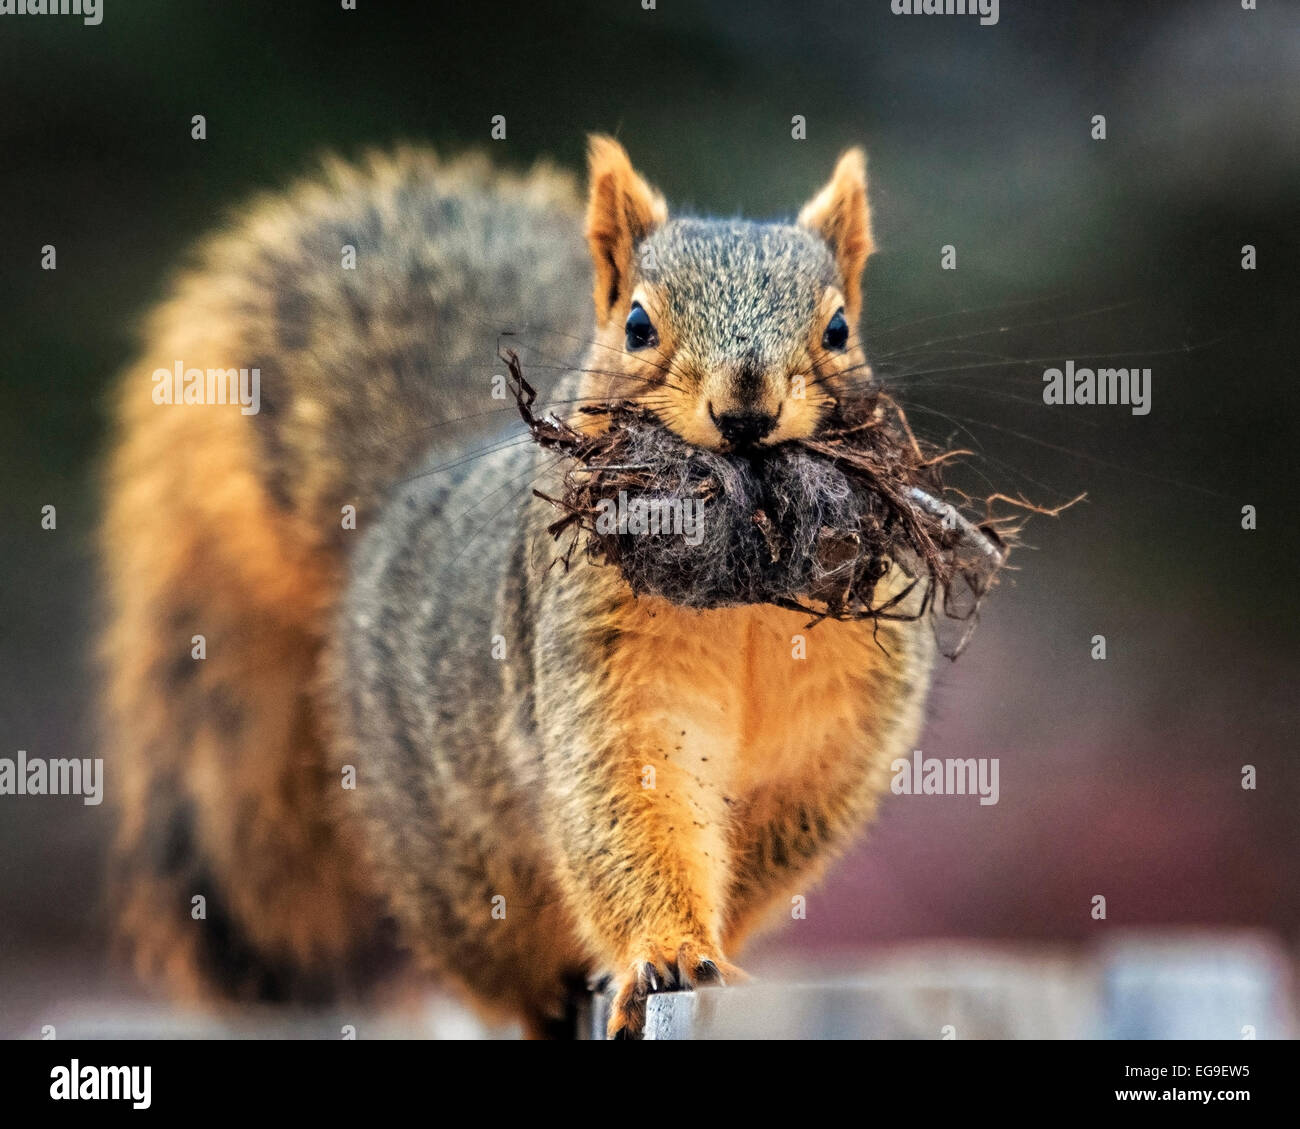 Nahaufnahme des Eichhörnchens mit Wurzeln im Mund Stockbild